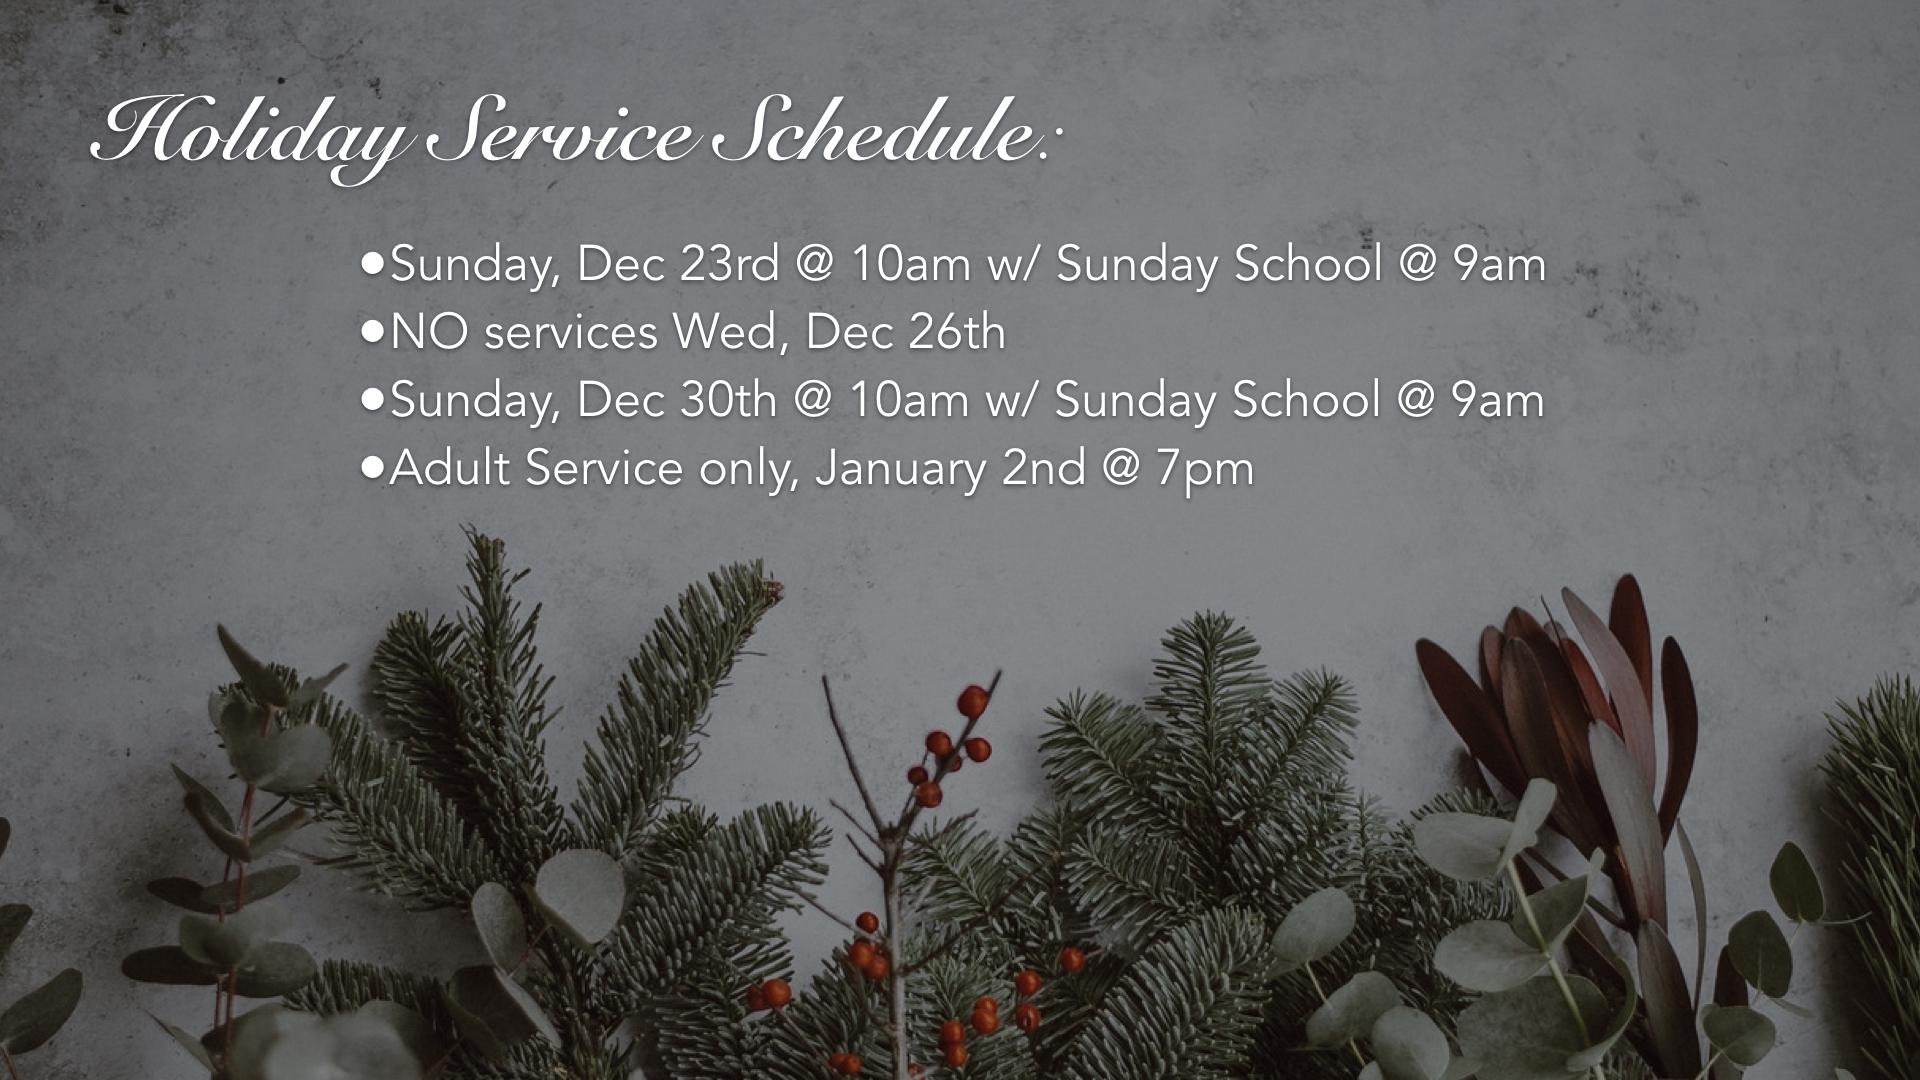 Christmas Schedule 2018.001.jpeg